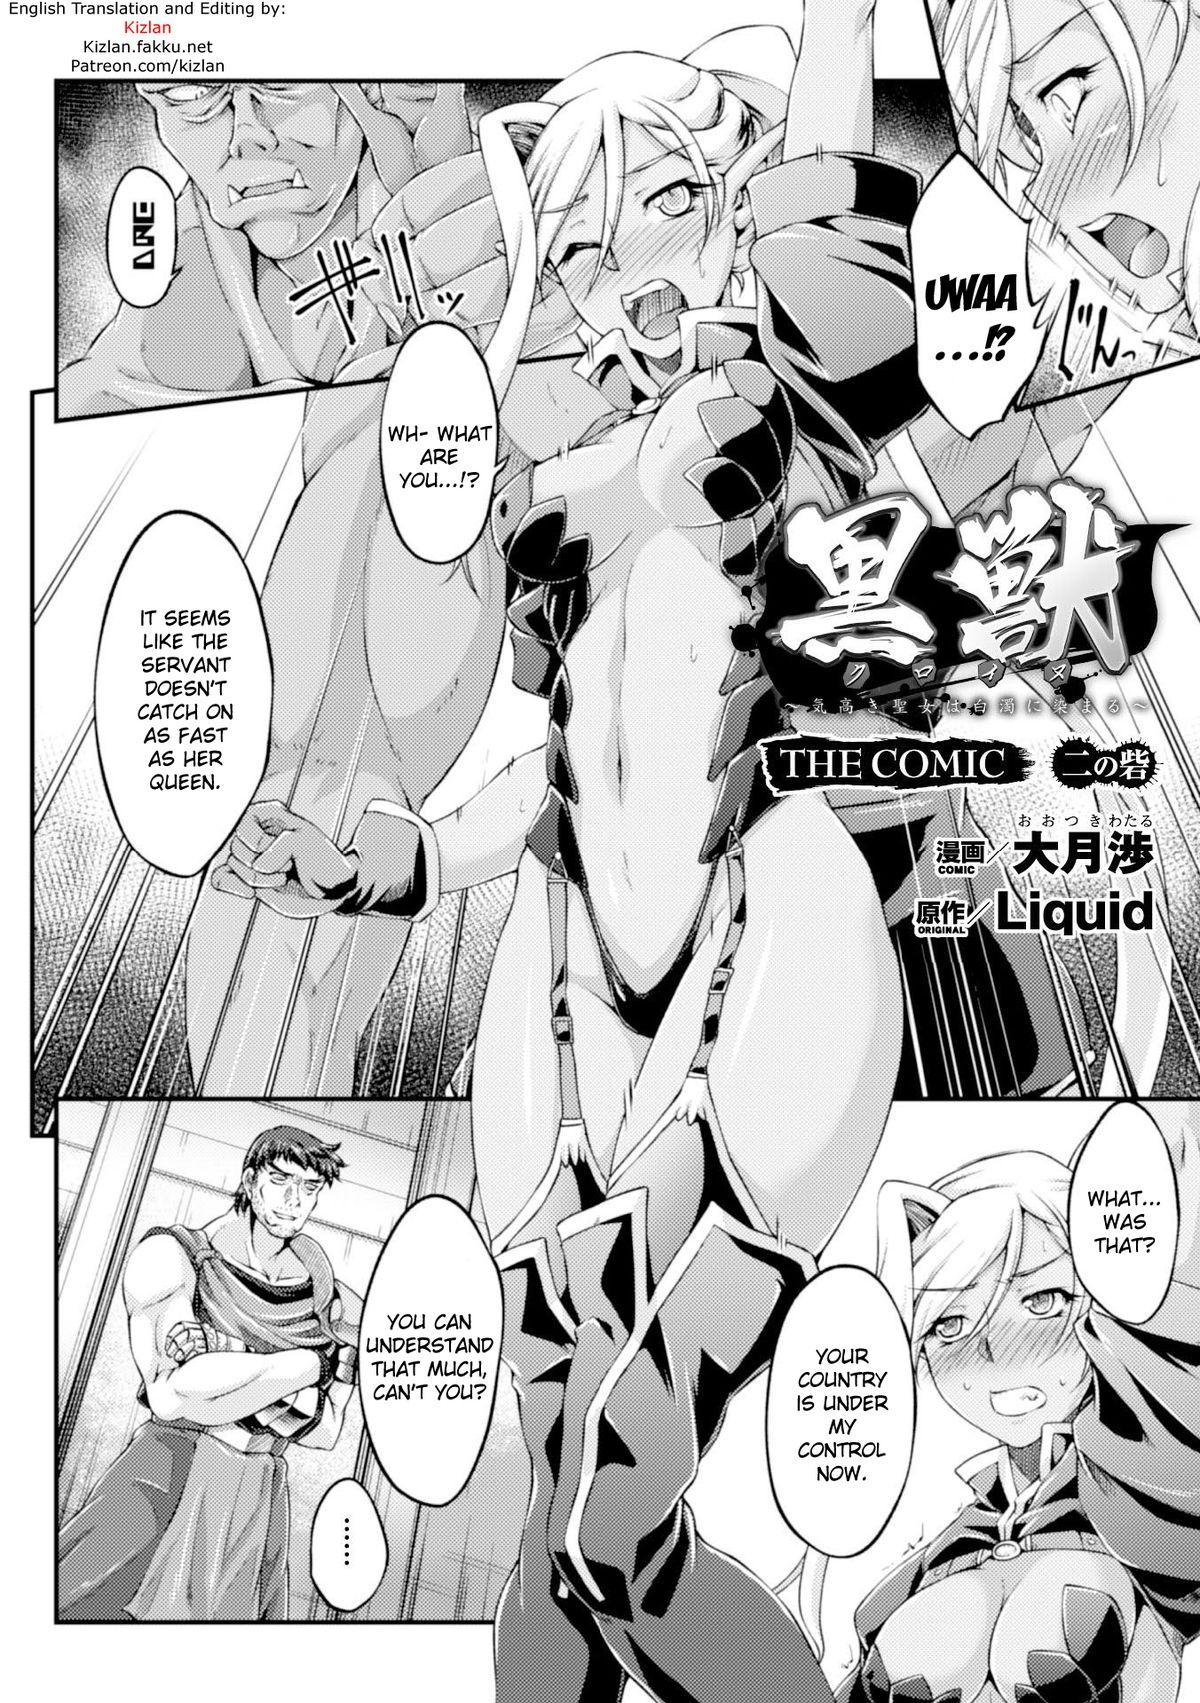 [Ootsuki Wataru] Kuroinu ~Kedakaki Seijo wa Hakudaku ni Somaru~ THE COMIC Chapters 1-5 [English] {Kizlan} [Digital] 21